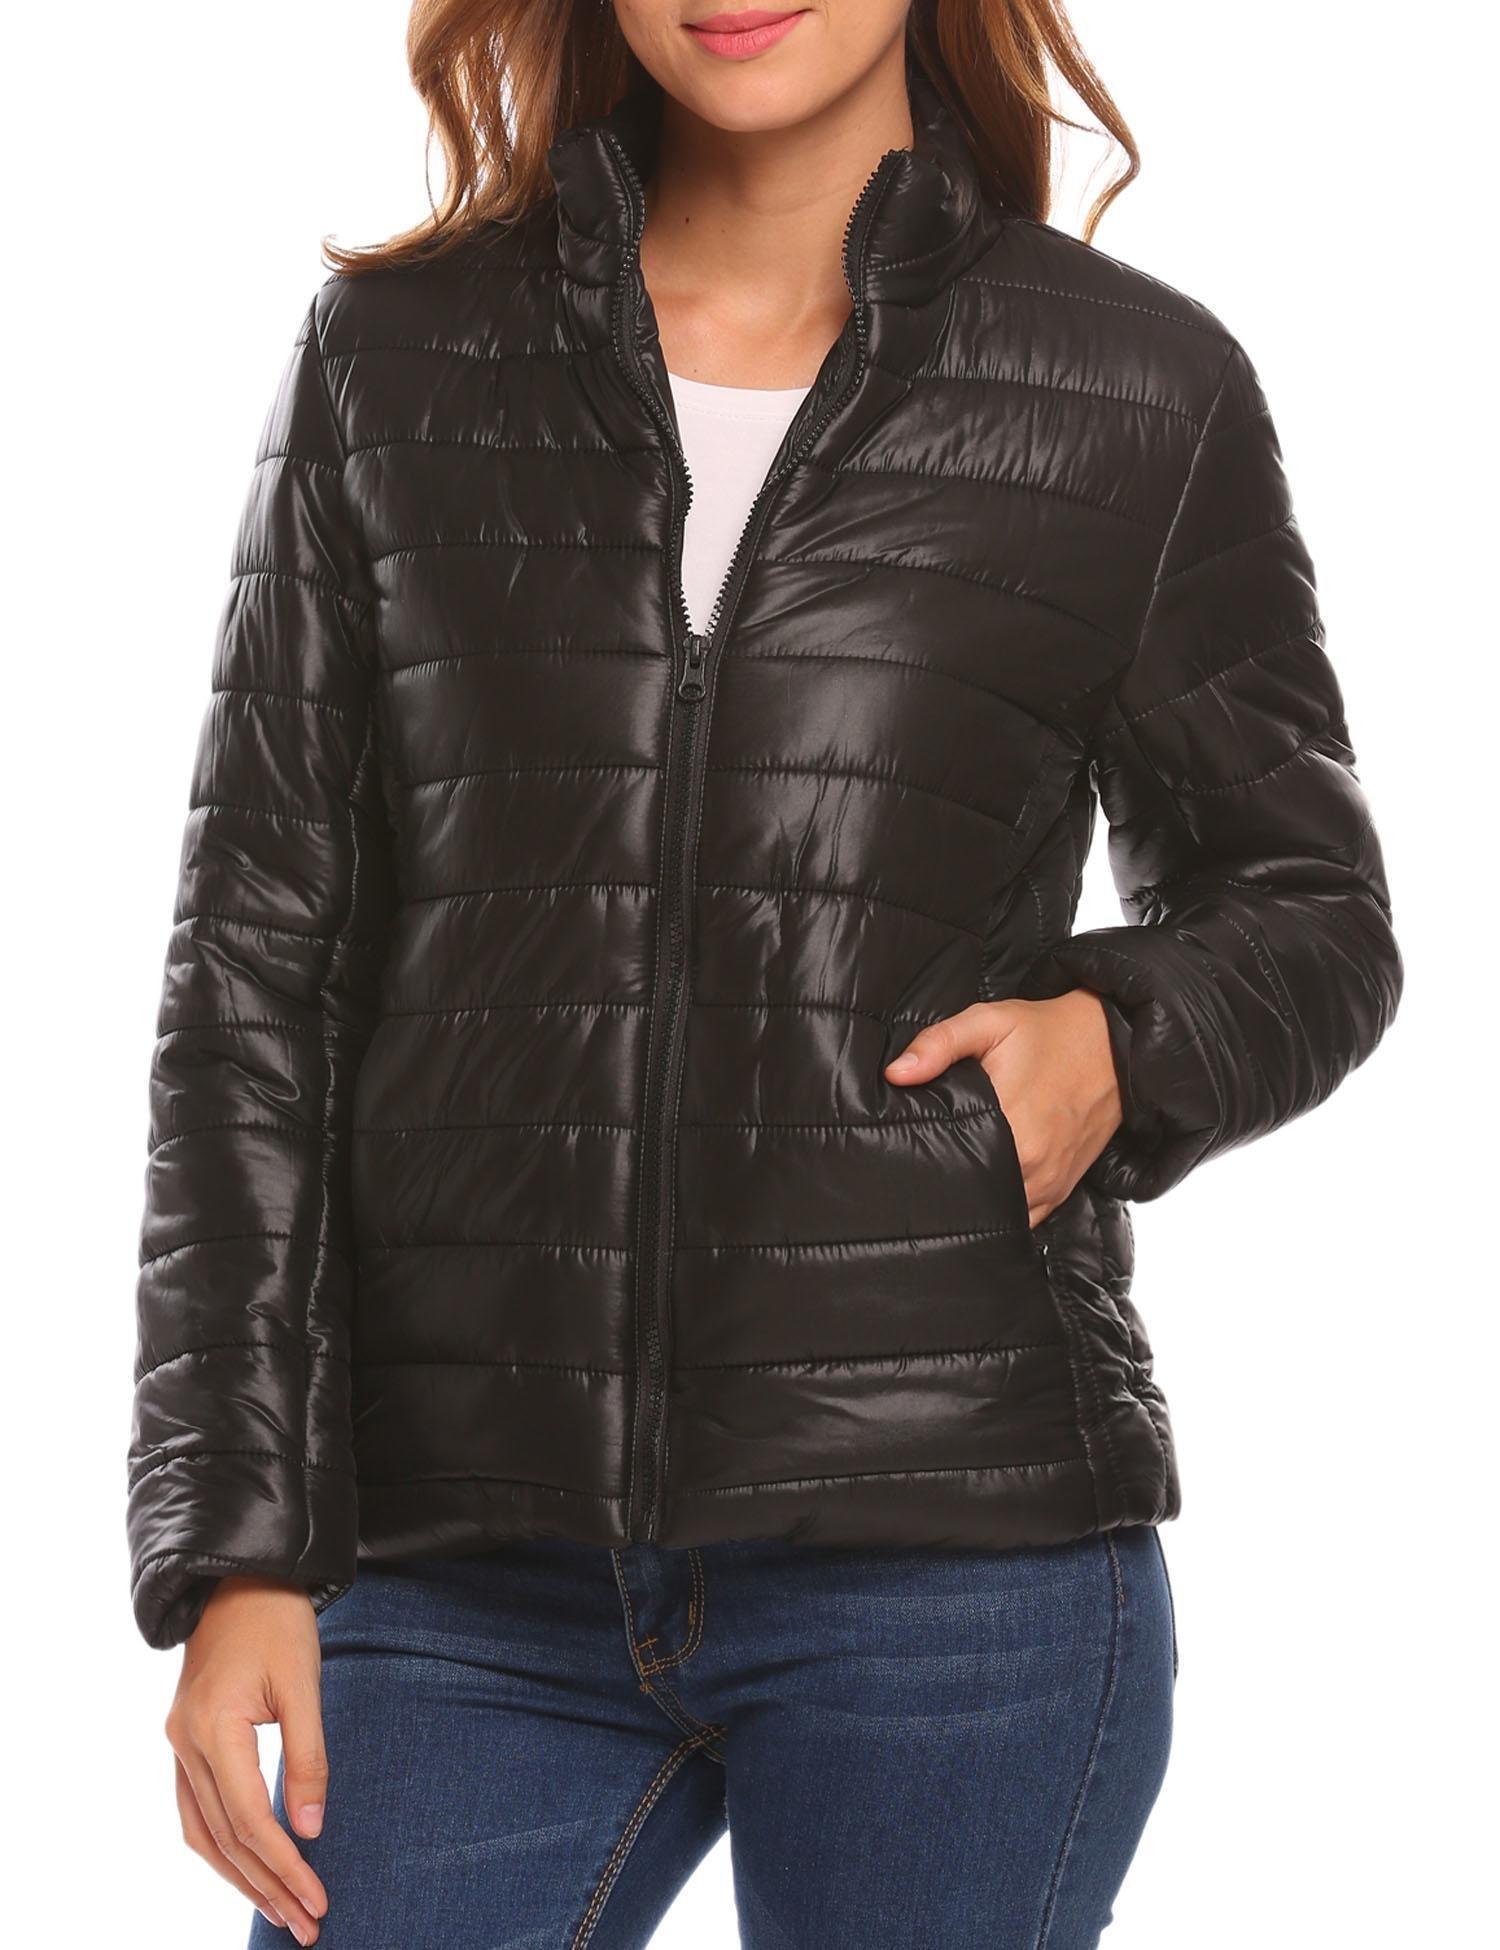 BEAUTYTALK Women's Lightweight Packable Outwear Puffer Coat Short Jacket(Black,L)